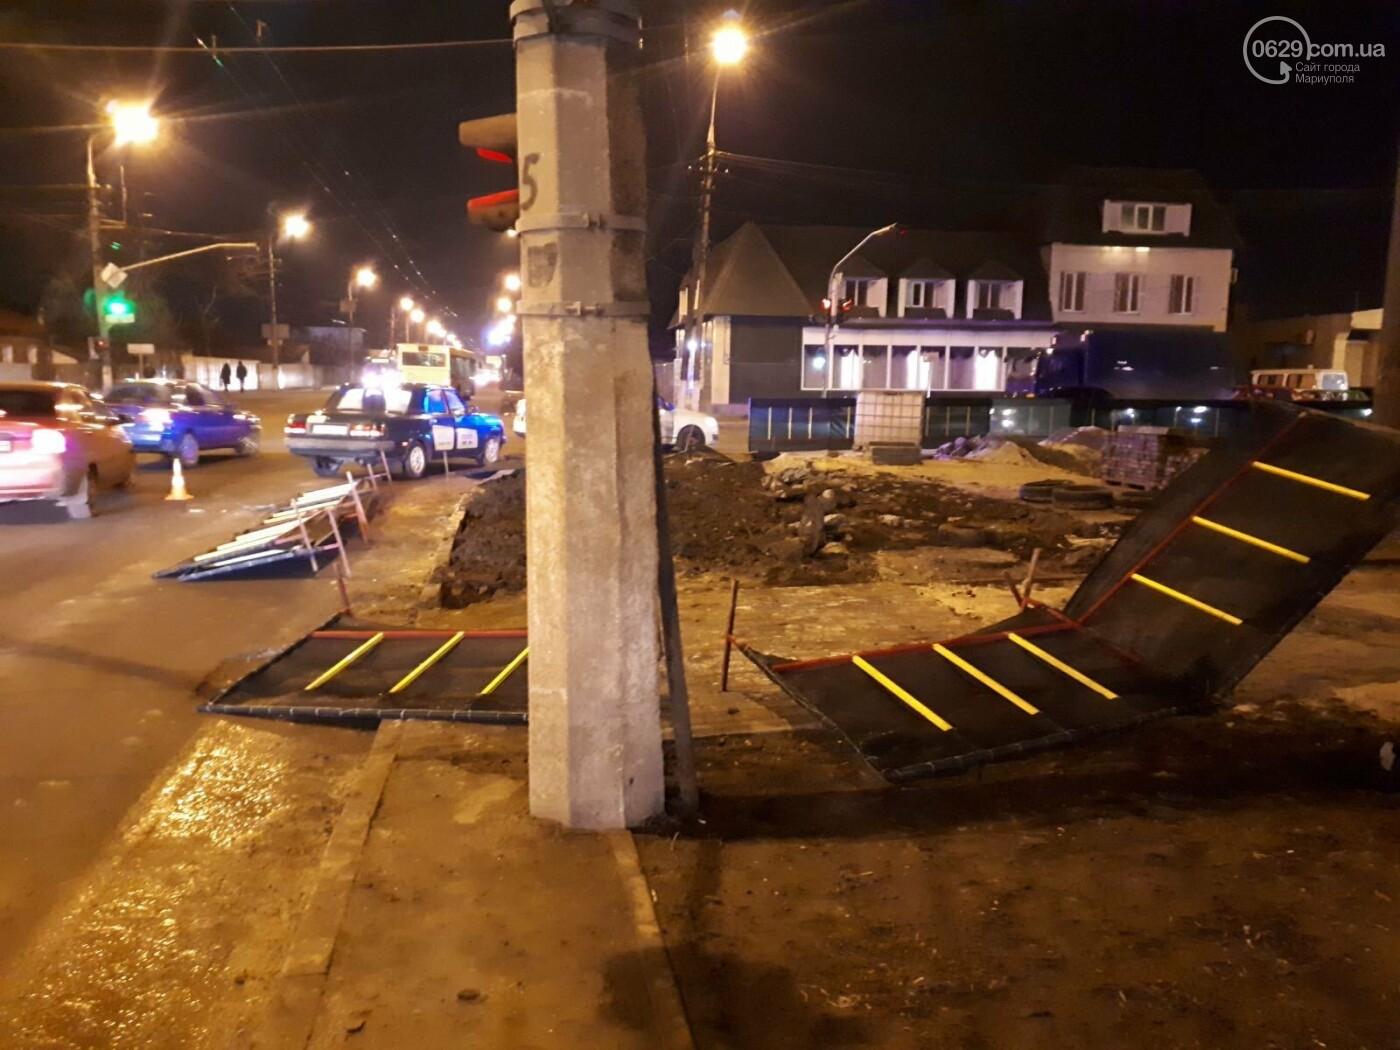 В Мариуполе конструкция, ограждающая коллектор, упала на автомобиль, - ФОТО, фото-3